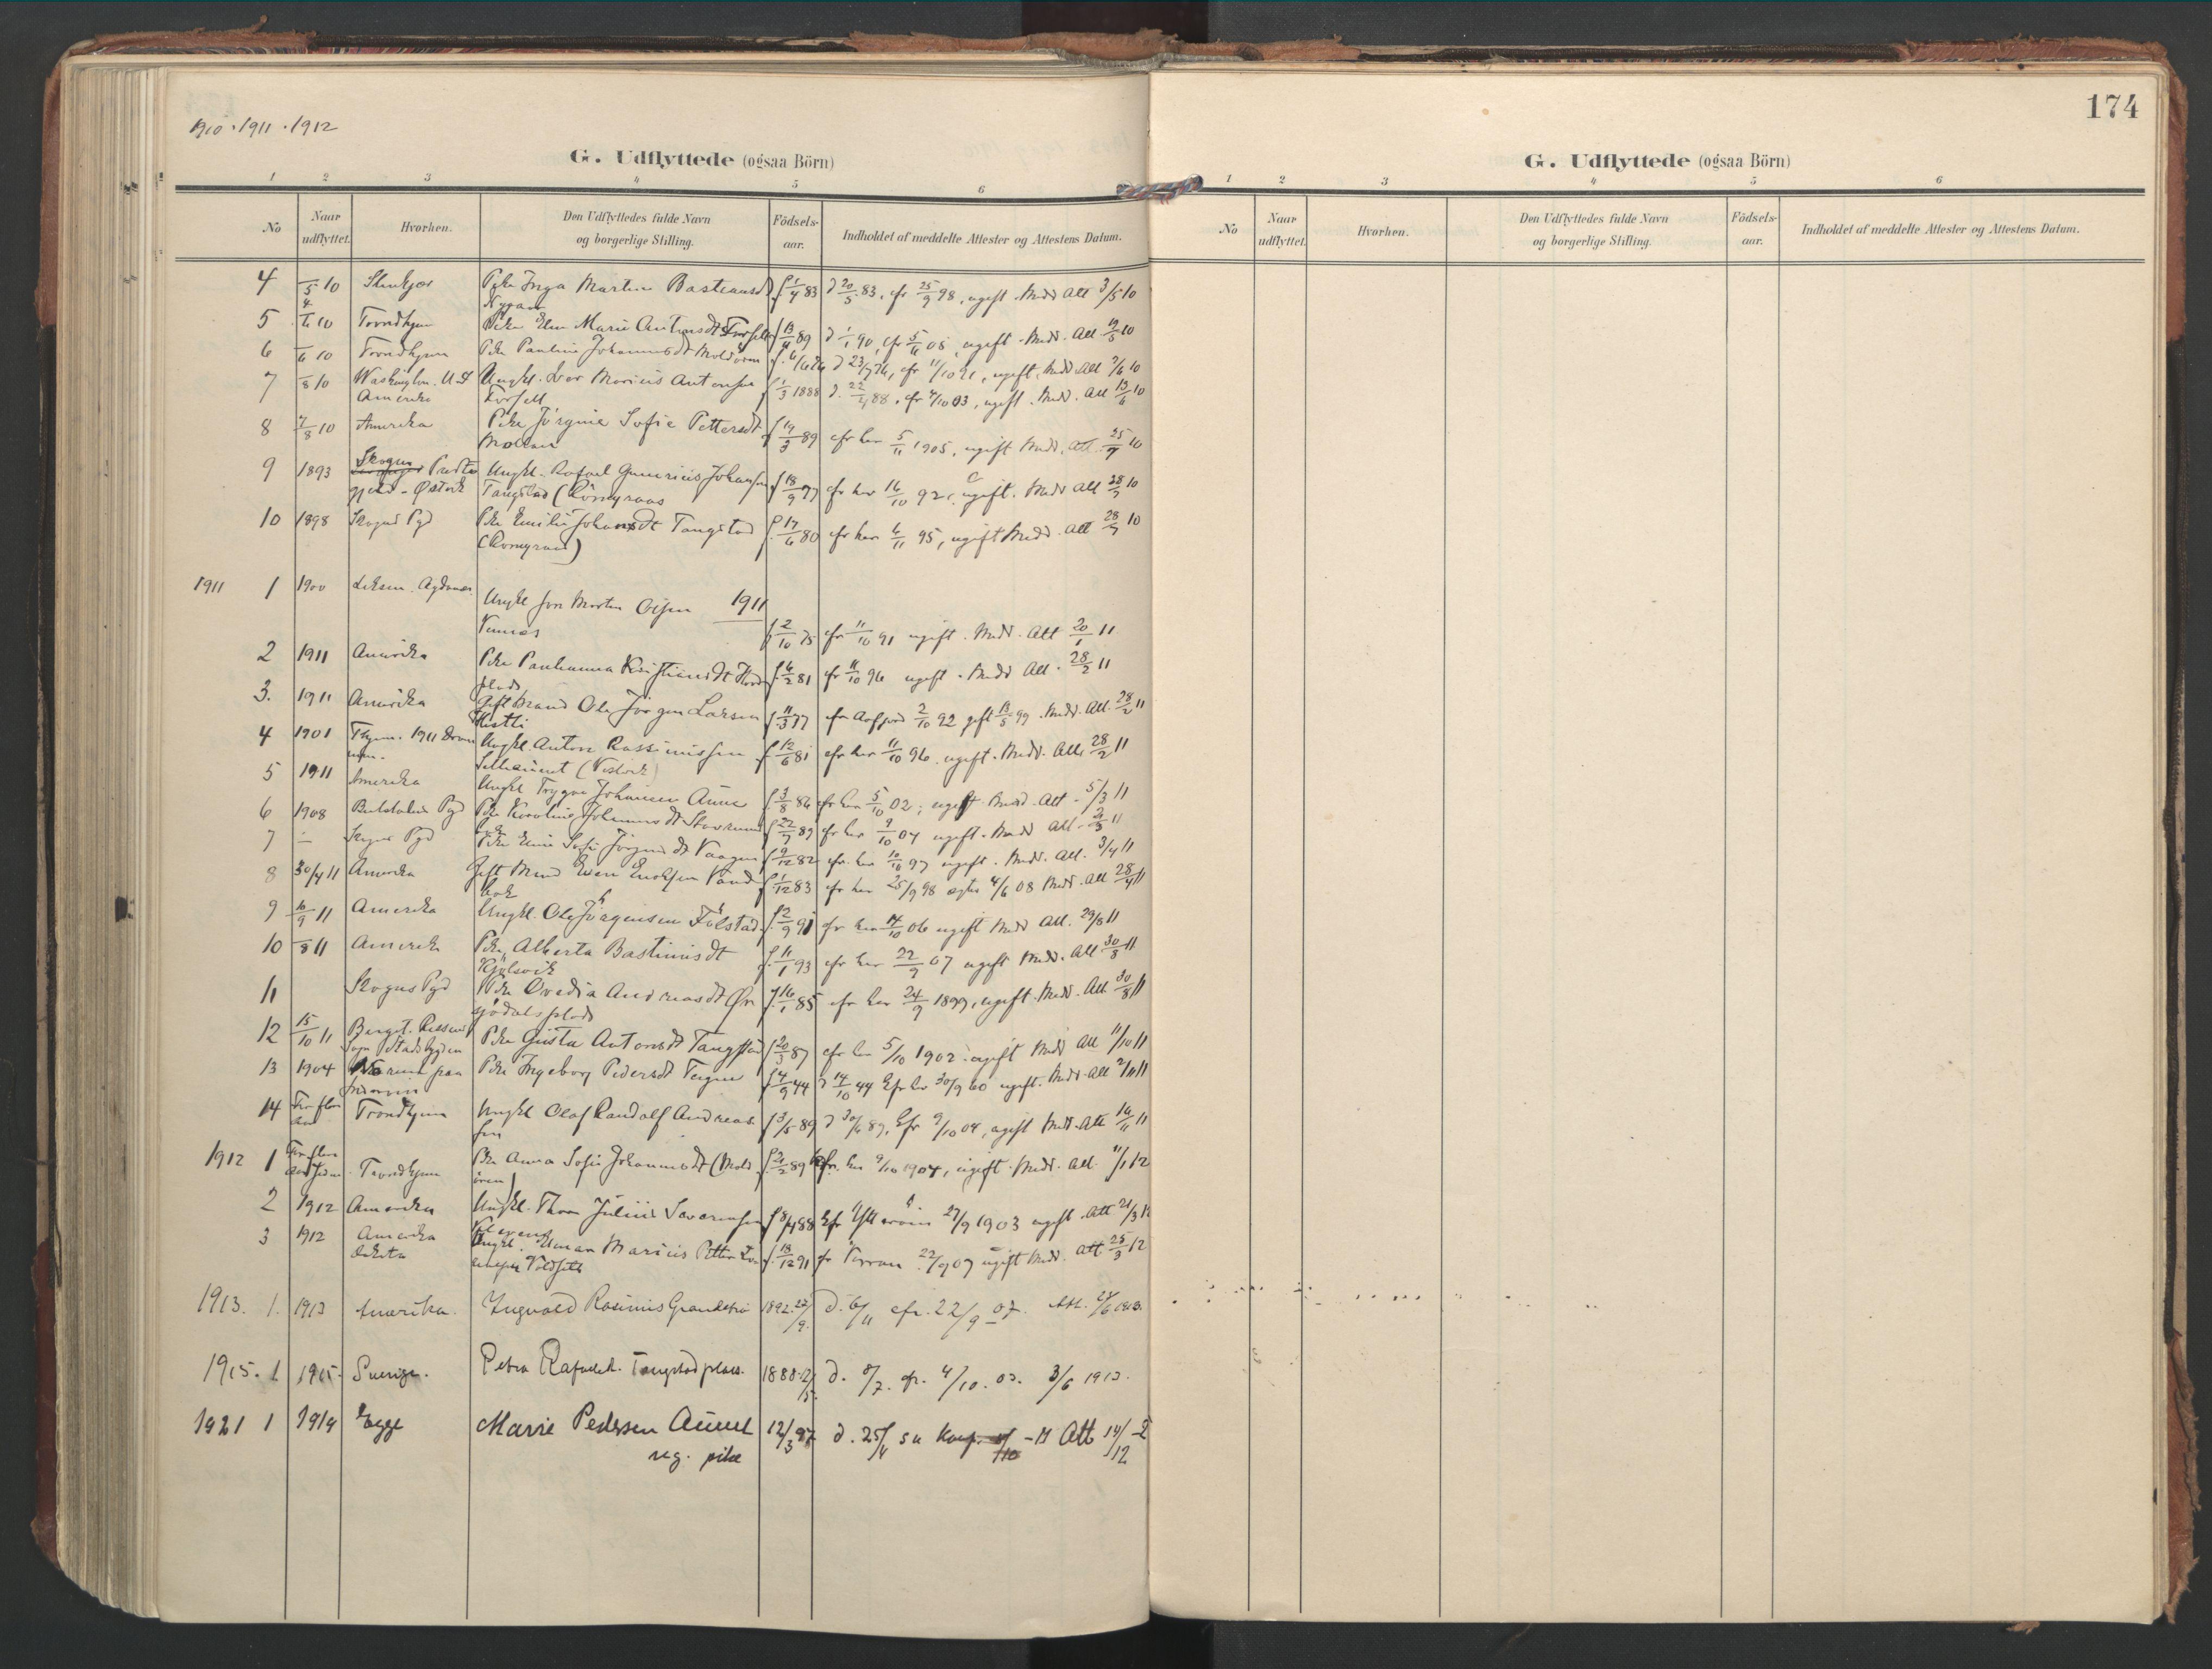 SAT, Ministerialprotokoller, klokkerbøker og fødselsregistre - Nord-Trøndelag, 744/L0421: Ministerialbok nr. 744A05, 1905-1930, s. 174